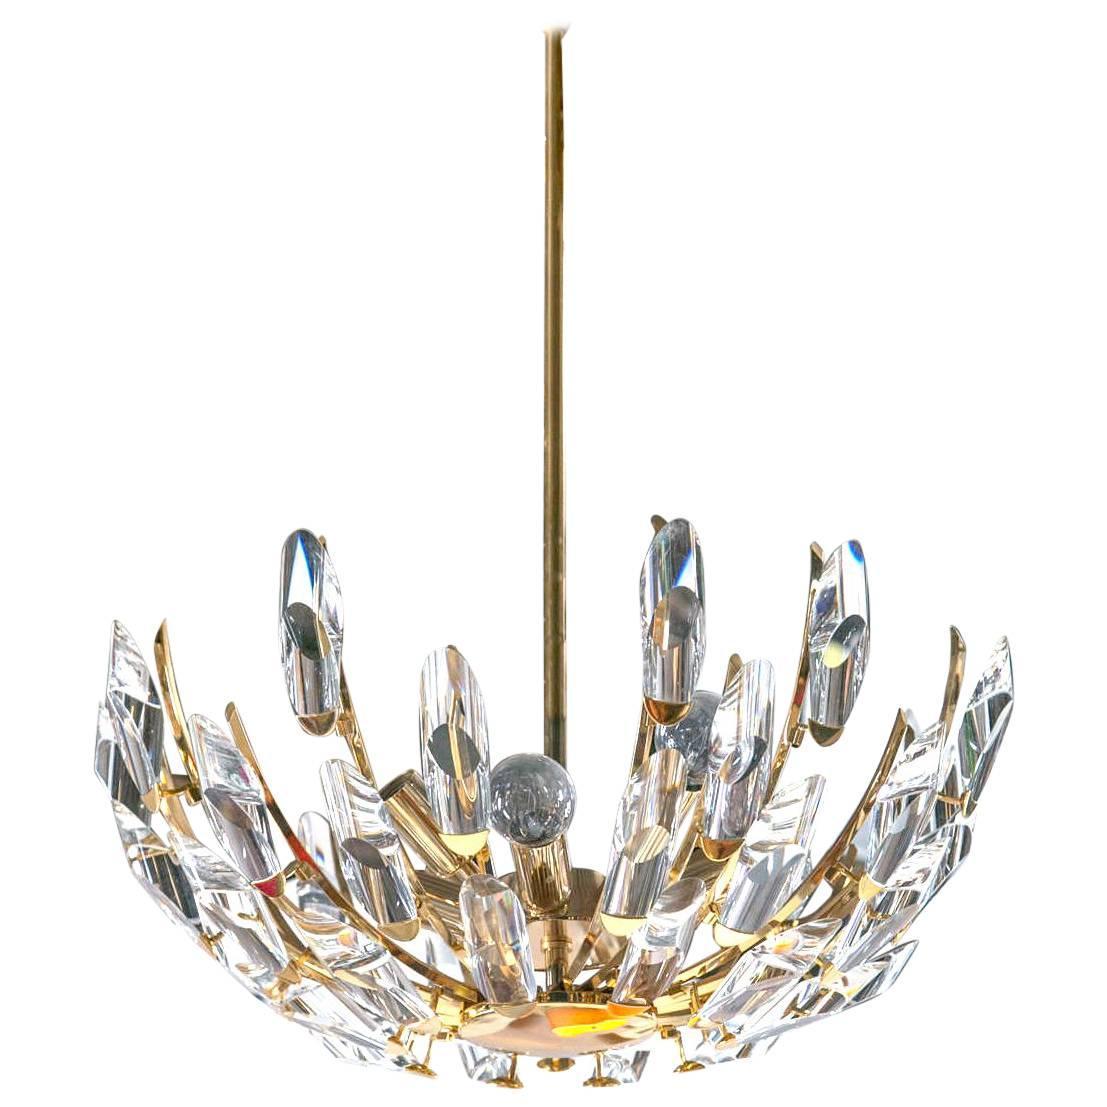 Stilkronen Crystal and Brass Chandelier